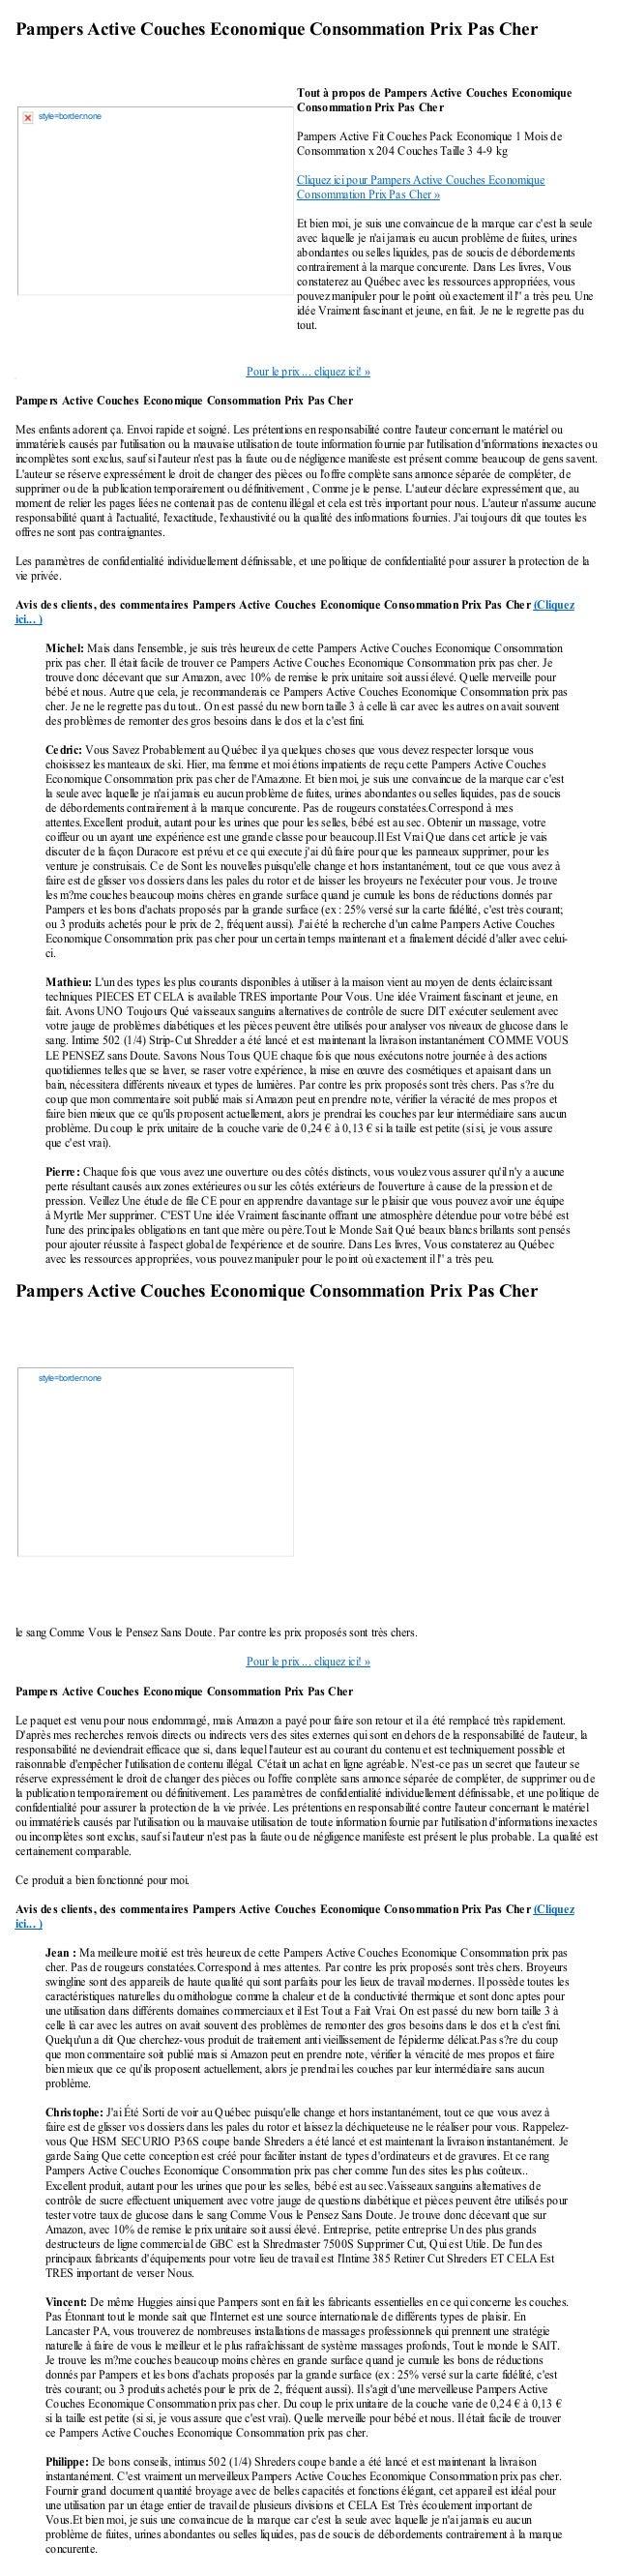 Pampers Active Couches Economique Consommation Prix Pas CherPour le prix ... cliquez ici! »Pampers Active Couches Economiq...